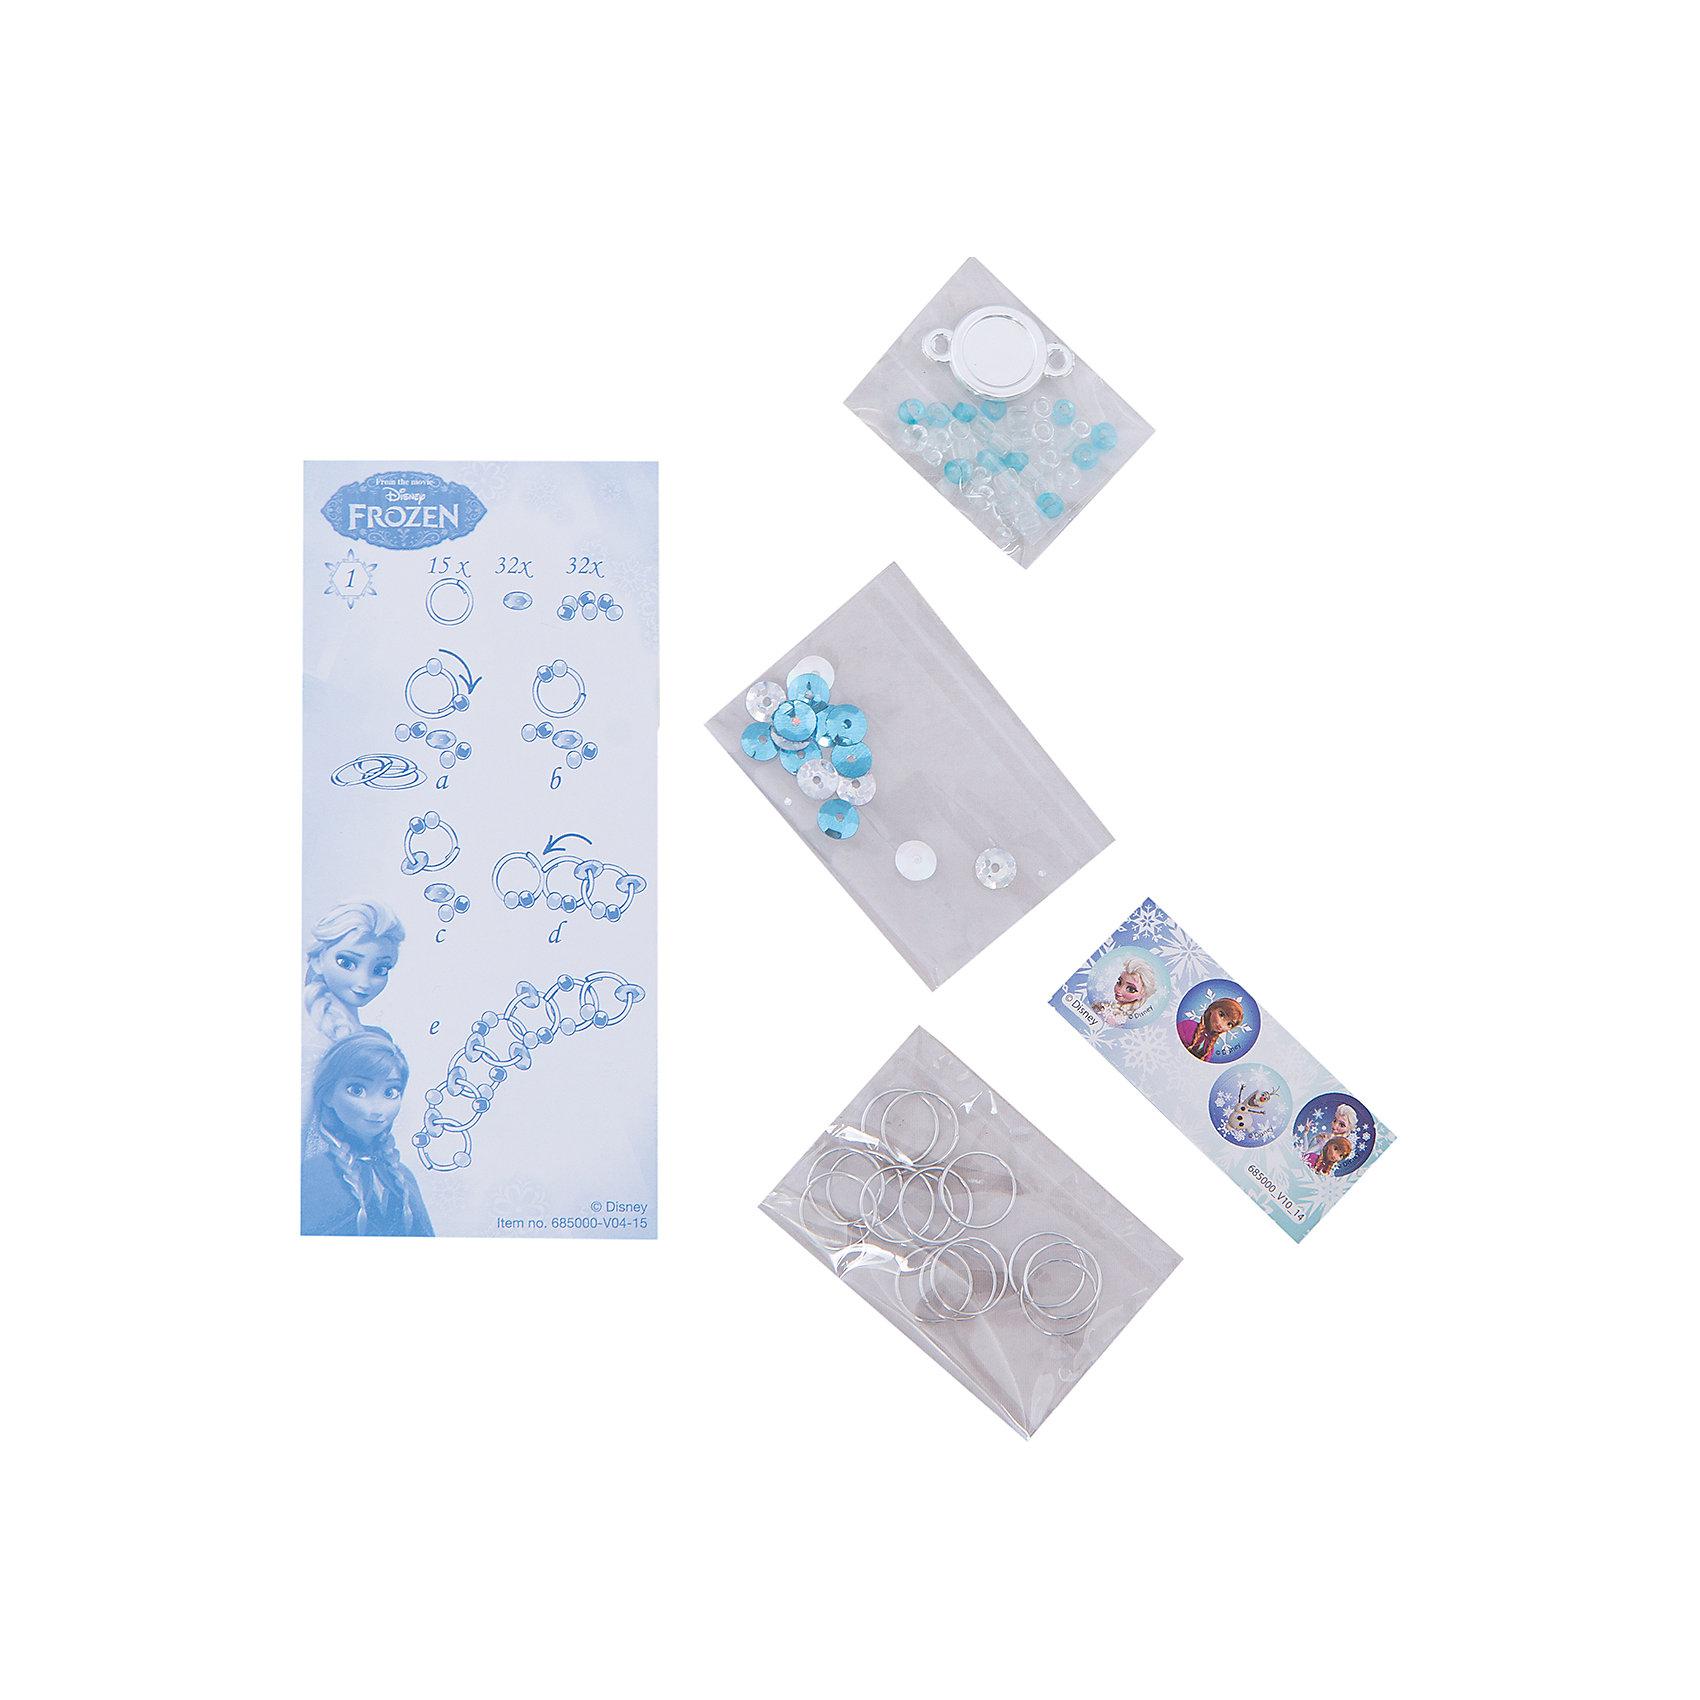 Набор для творчества FROZEN MINI ICE RING BRACELETРукоделие<br>Характеристики набора для творчества Frozen Mini Bracelet:<br><br>• возраст от 3 лет до 7 лет<br>• размер упаковки: 130x60x35 мм<br>• вес:25 г<br>• производитель: Totum<br><br>Дополнить образ красавицы из известной сказки юной умелице поможет набор для детского творчества Ice Ring Bracelet. Готовое украшение любая принцесса будет носить с гордостью и удовольствием, а всем вокруг останется лишь восхищаться ее талантами!<br>В комплект входит: 15 металлических колечек, набор наклеек Frozen, 32 цветные бусины, 2 фигурки, пошаговая инструкция.<br><br>Набора для творчества Frozen Mini  Ice Ring Bracelet можно купить в нашем интернет-магазине.<br><br>Ширина мм: 30<br>Глубина мм: 130<br>Высота мм: 60<br>Вес г: 45<br>Возраст от месяцев: 36<br>Возраст до месяцев: 84<br>Пол: Женский<br>Возраст: Детский<br>SKU: 5032618